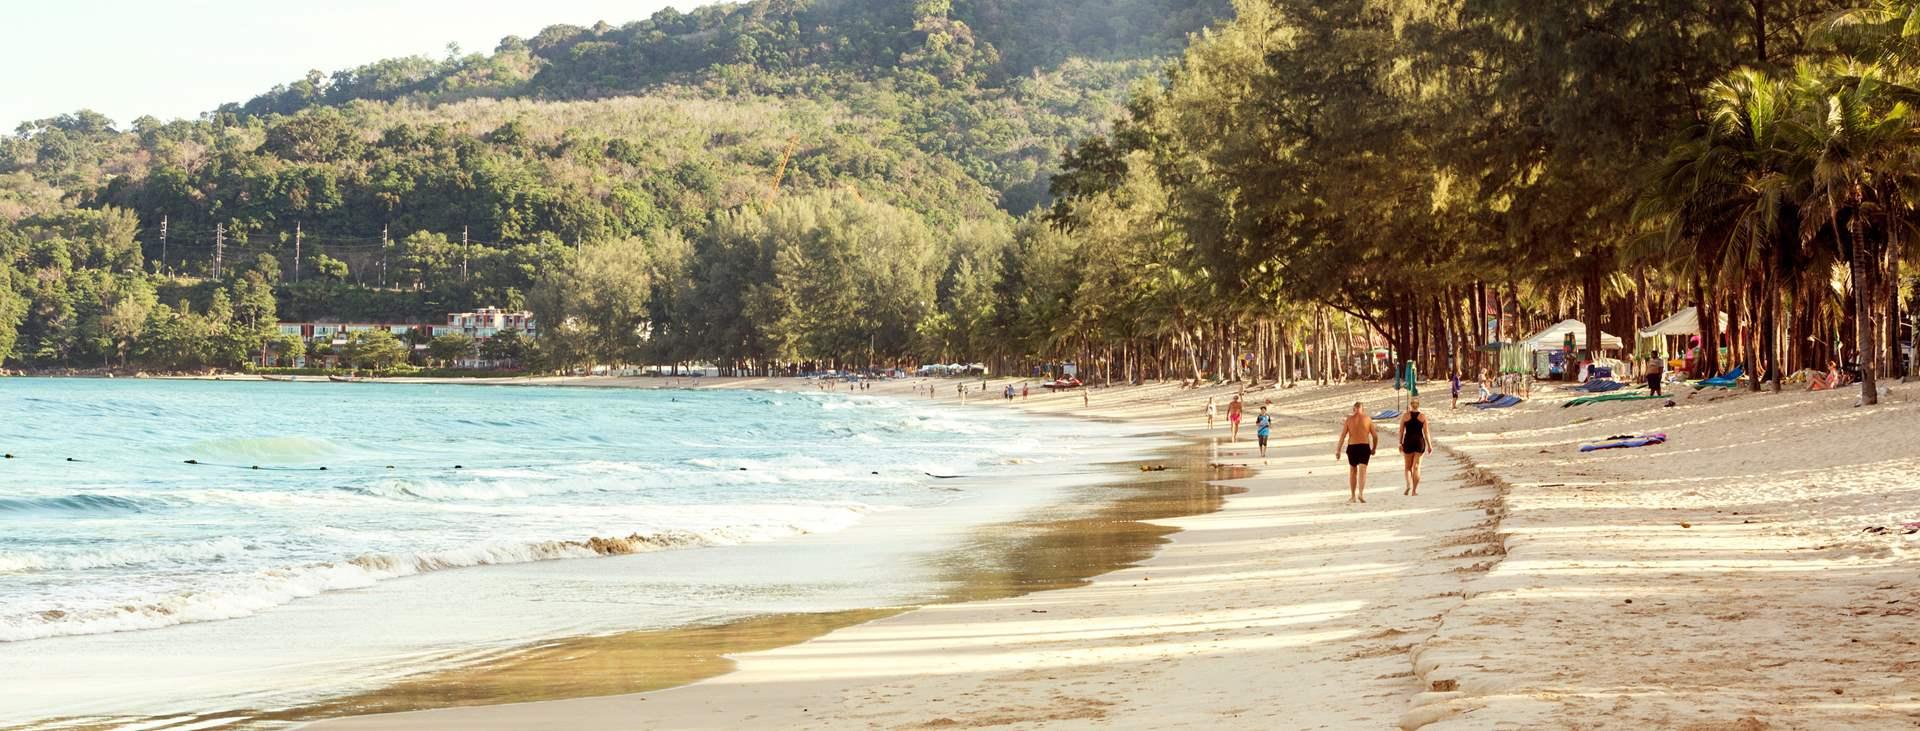 Varaa lomasi Tjäreborgilta - lapsiystävällinen Kamala Beach Thaimaassa toivottaa sinut tervetulleeksi